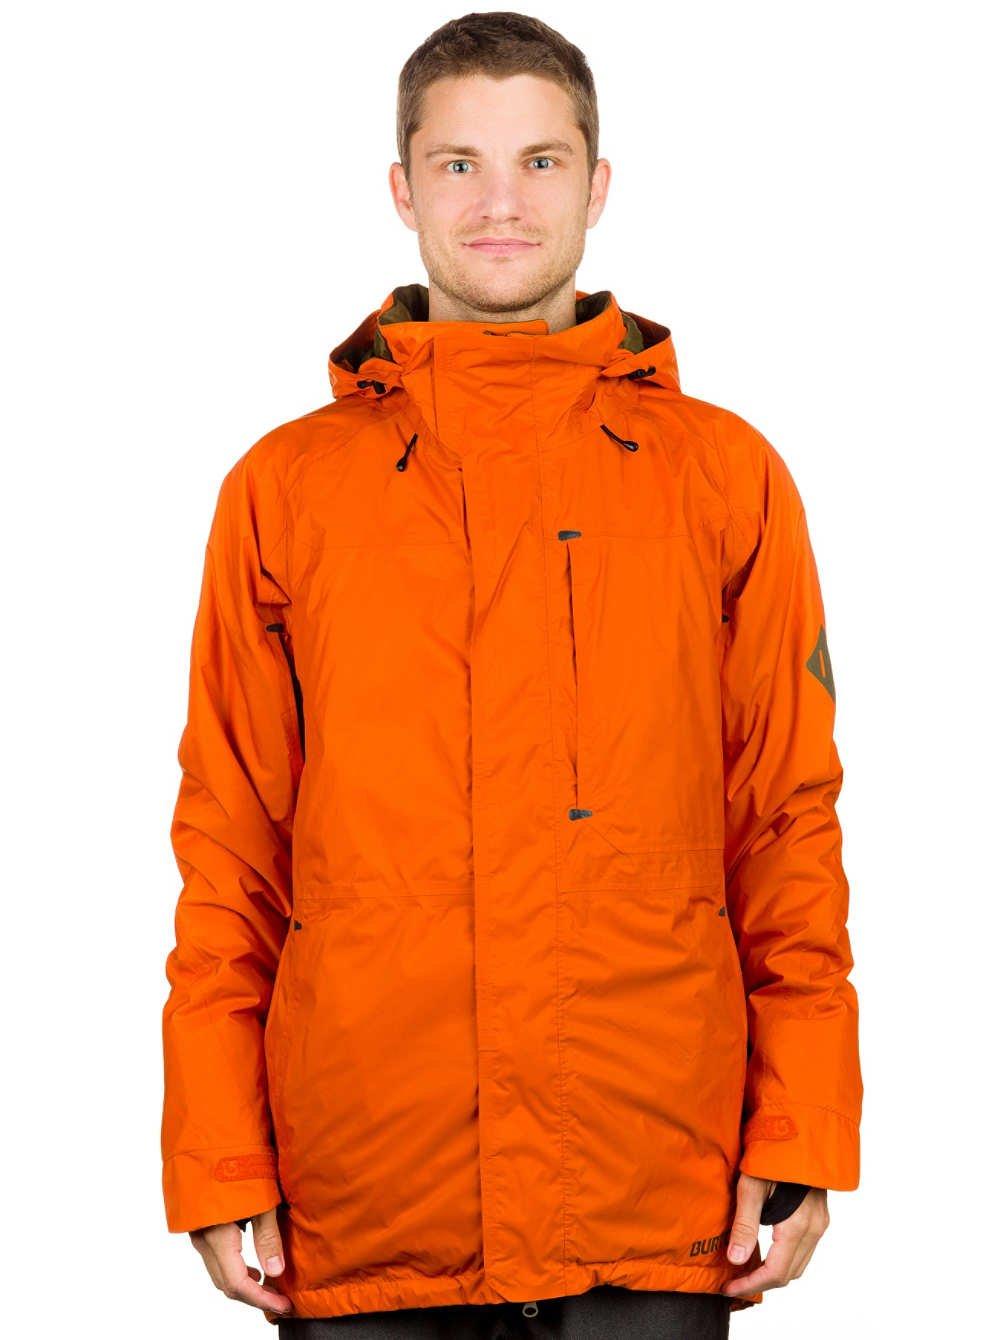 Burton Herren Snowboardjacke MB Hostile Jacket günstig